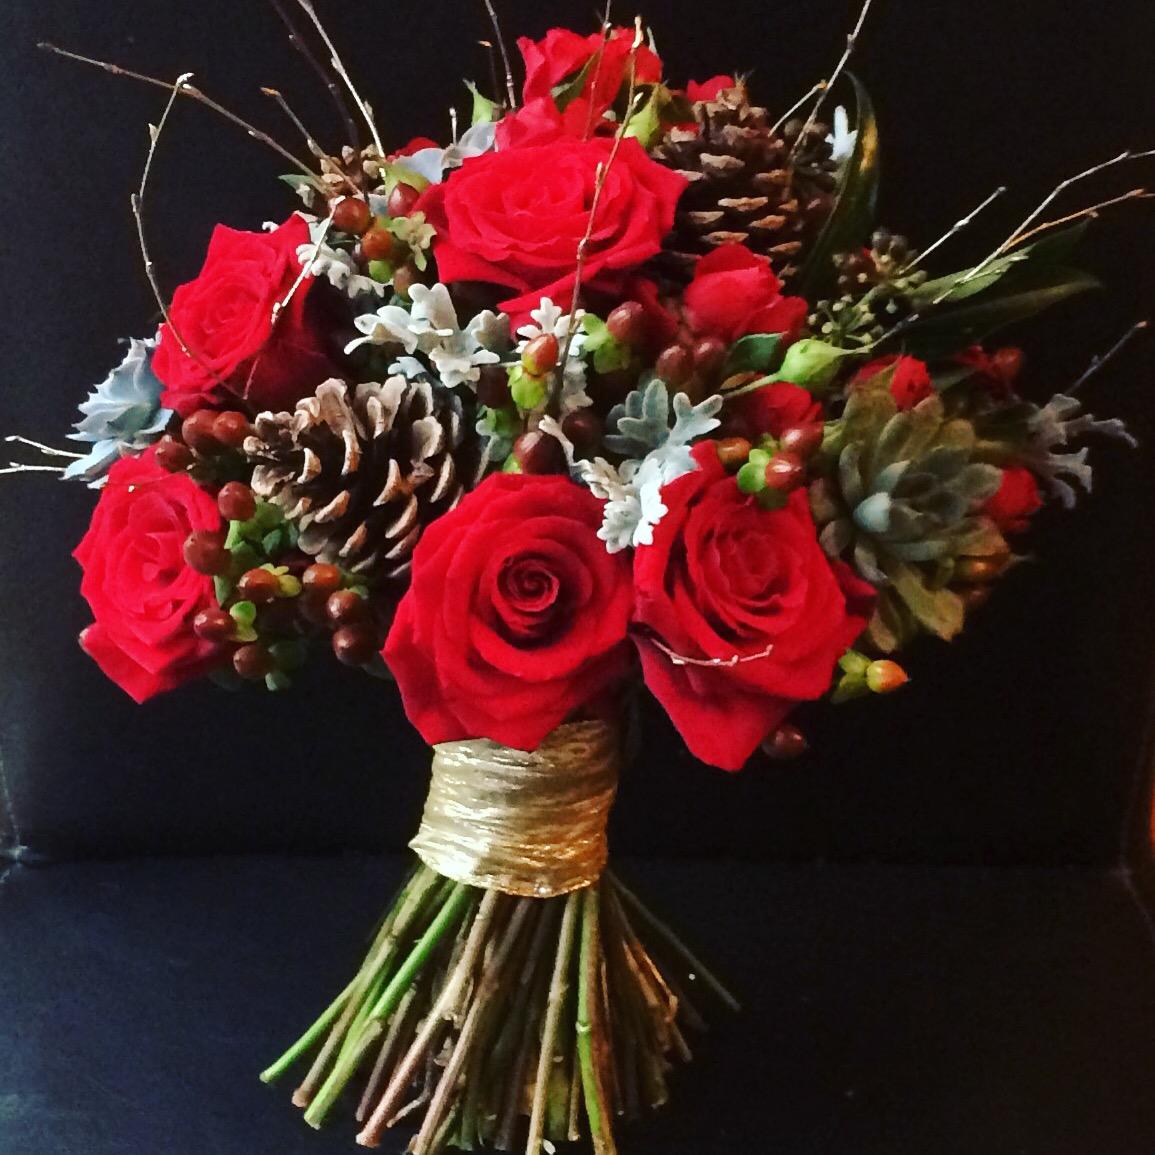 Christmas Wedding Bouquet Ideas: Kolorowe Inspiracje Ślubne: Zimowy Bukiet Ślubny